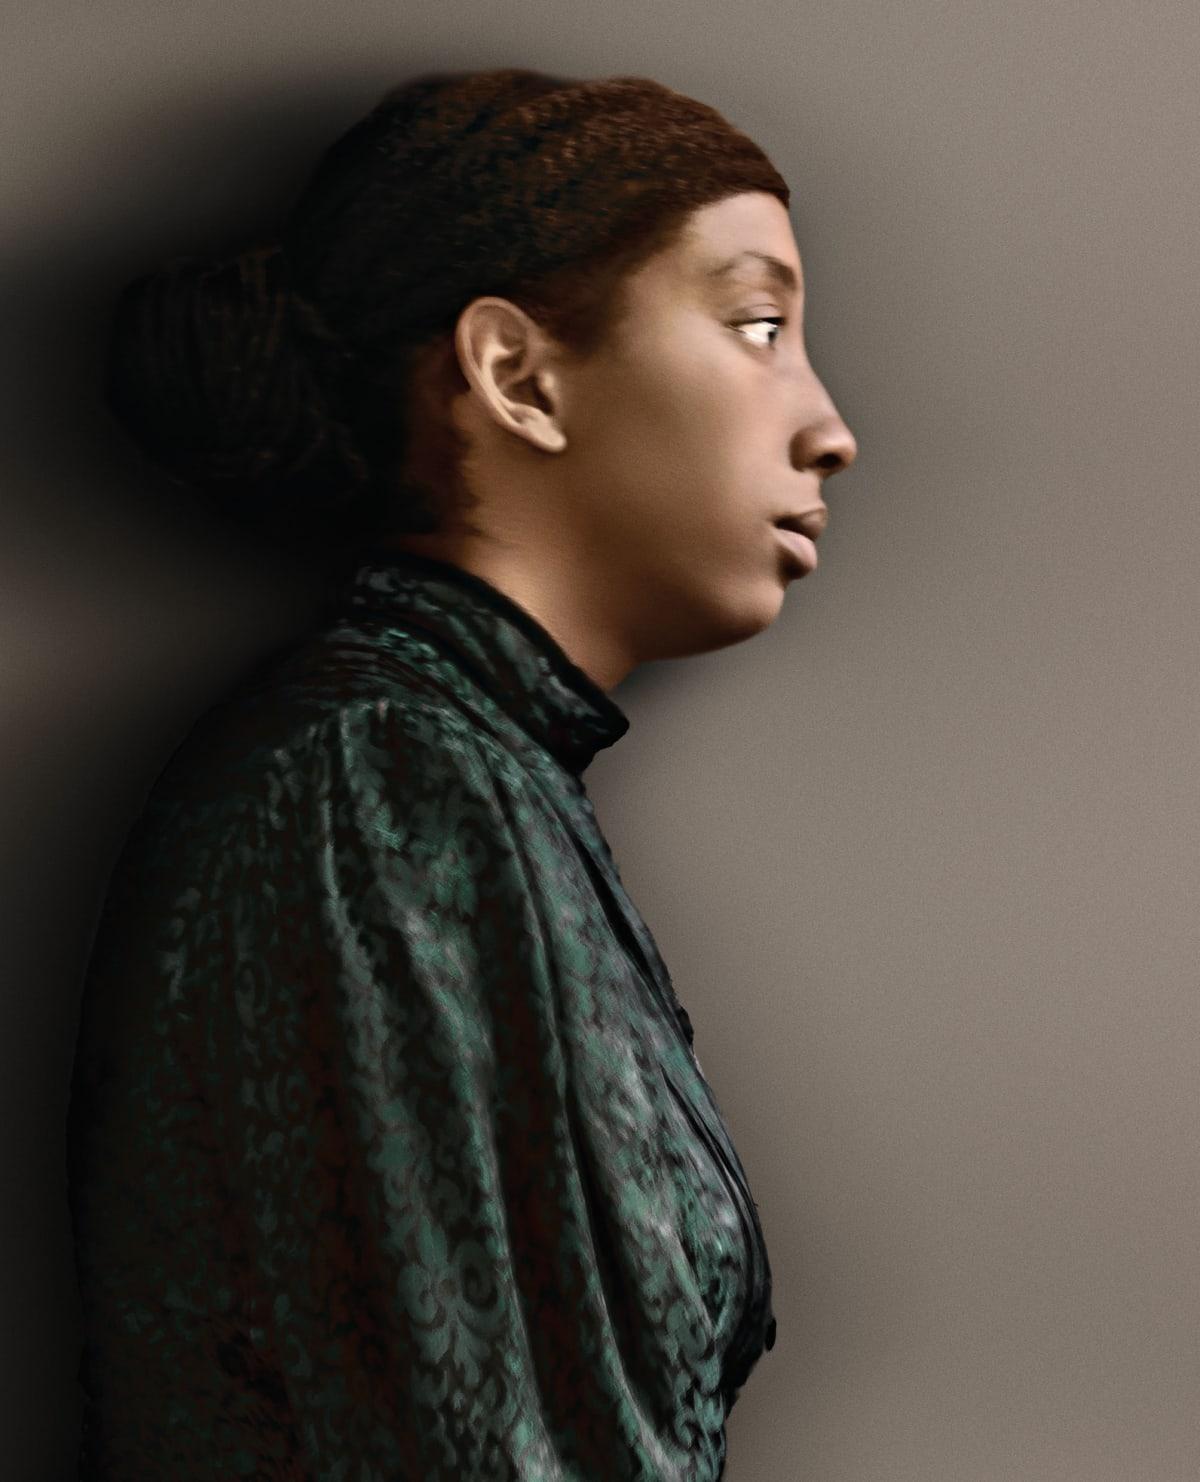 Ayana V. Jackson, Case #33 V, 2013